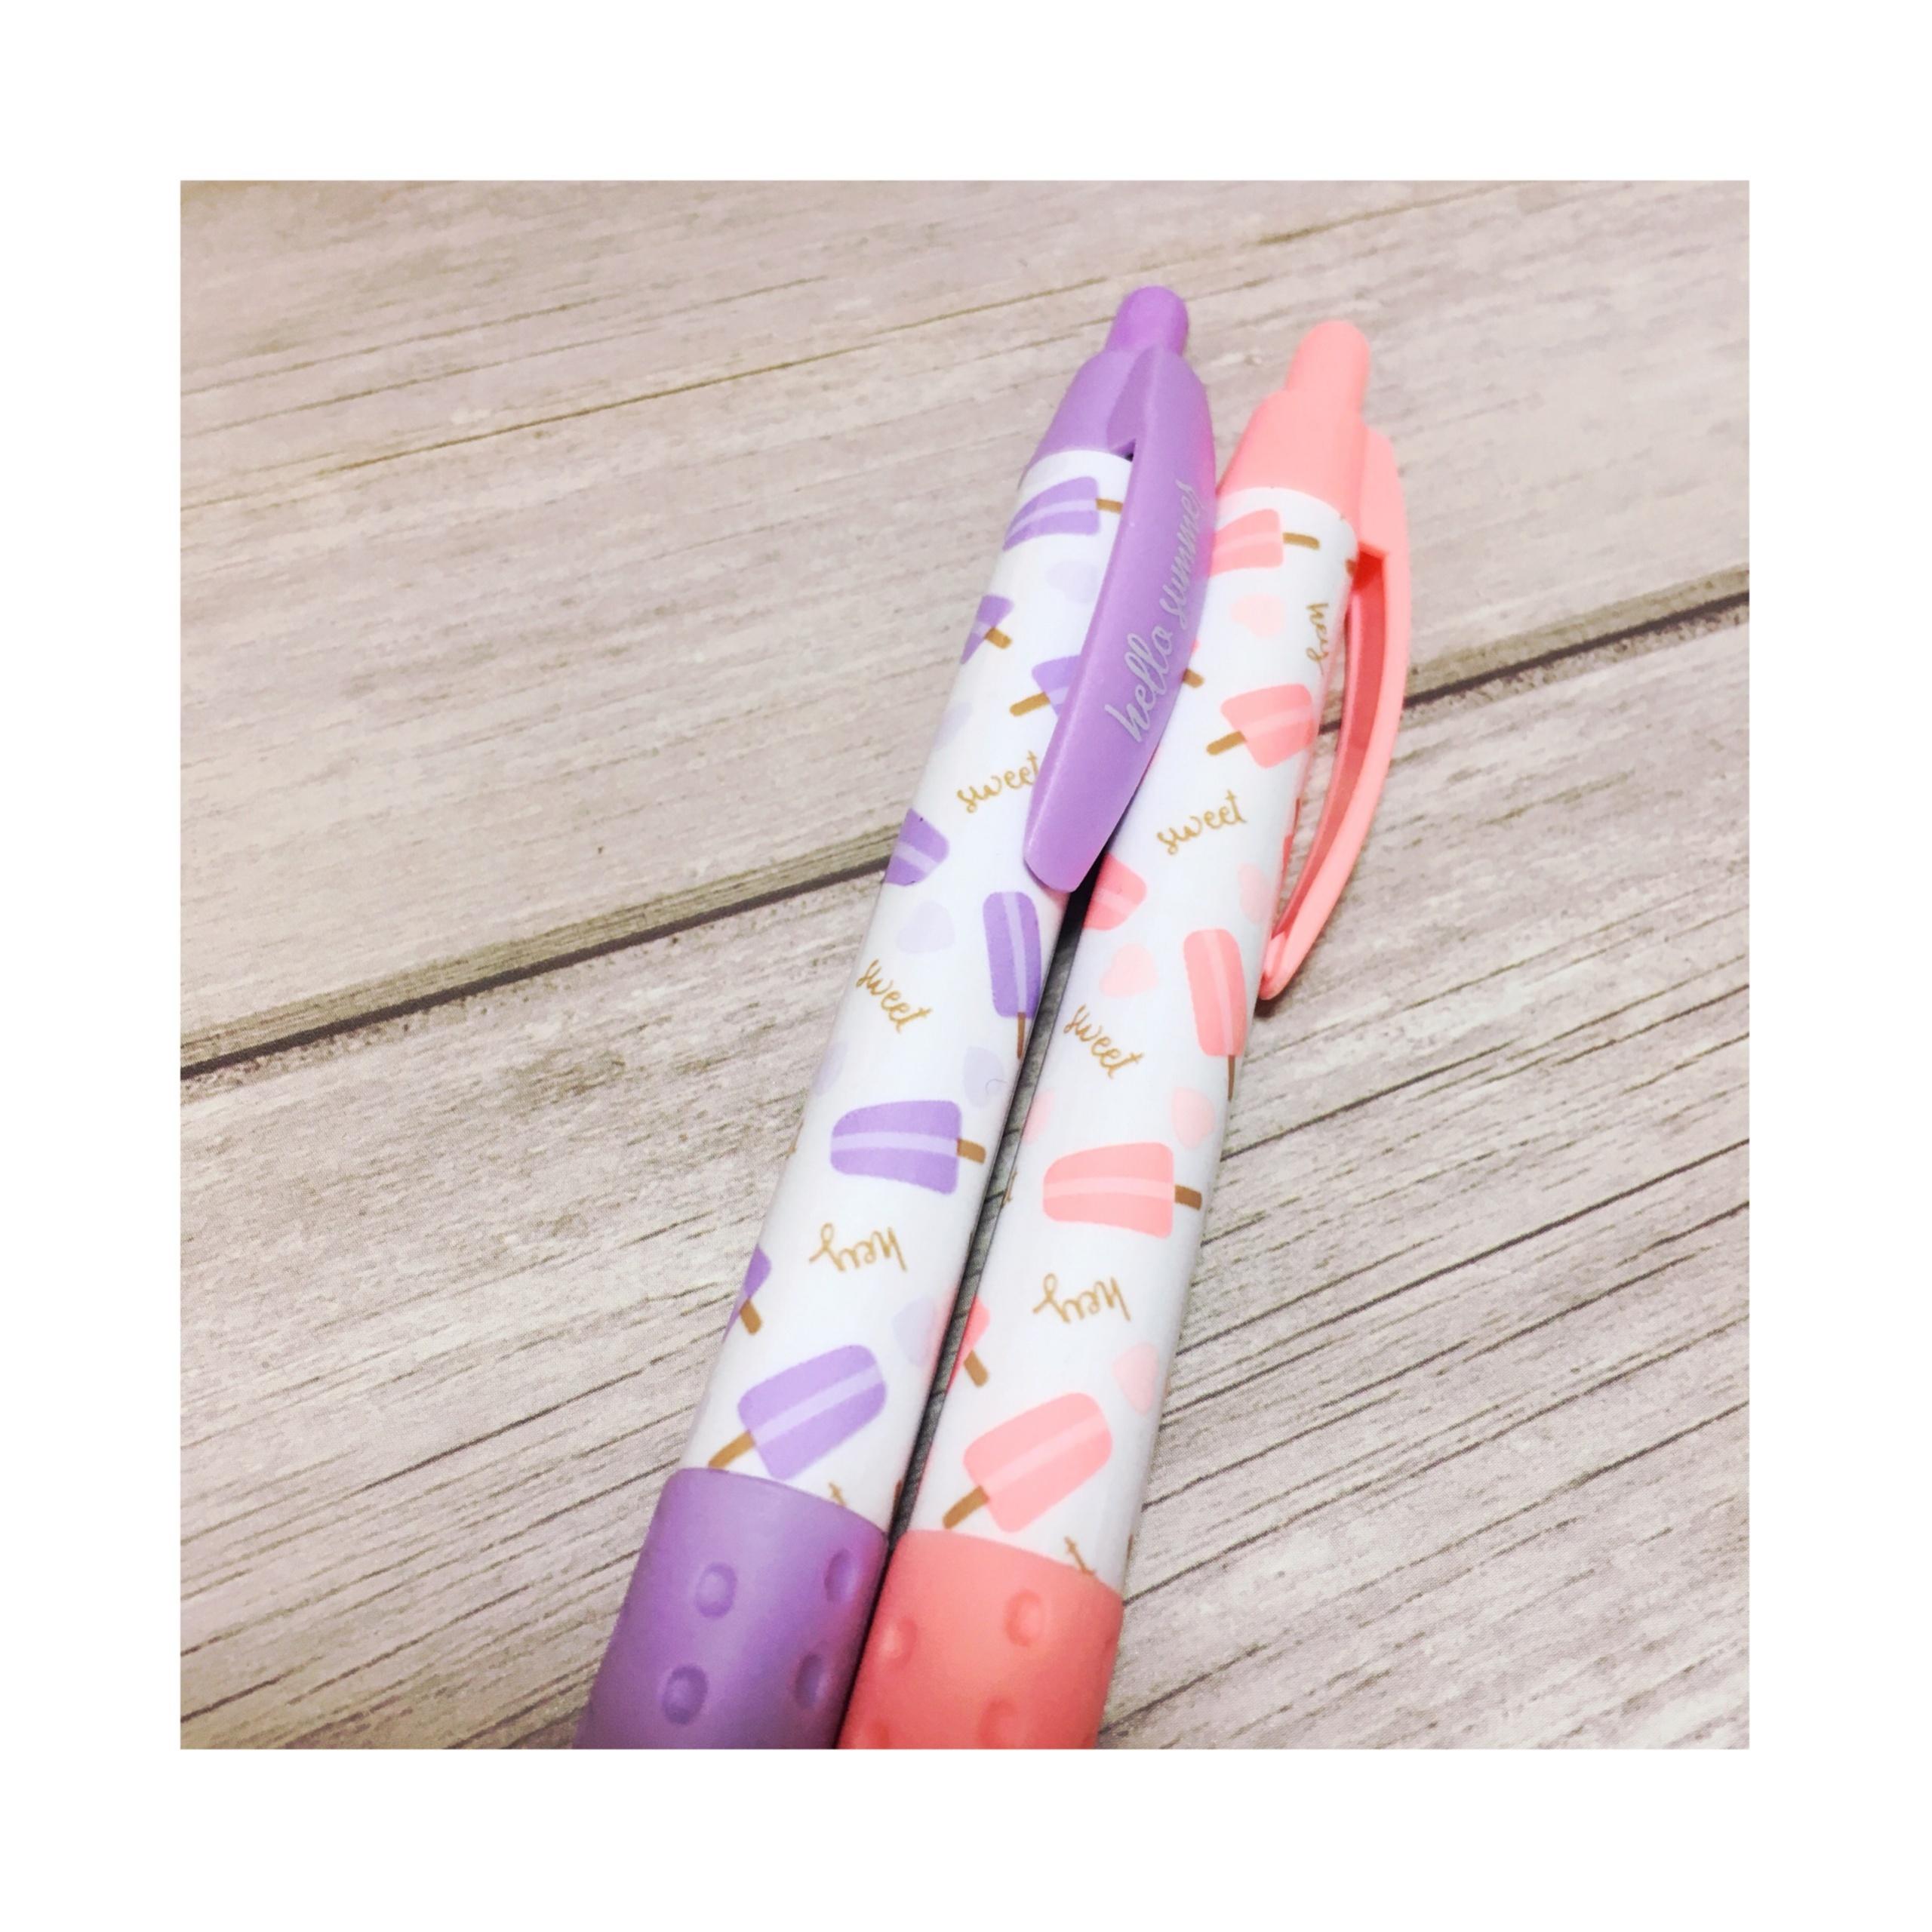 《オフィス用品も夏仕様にチェンジ★》【DAISO】で見つけたボールペンがかわいい!❤️_2